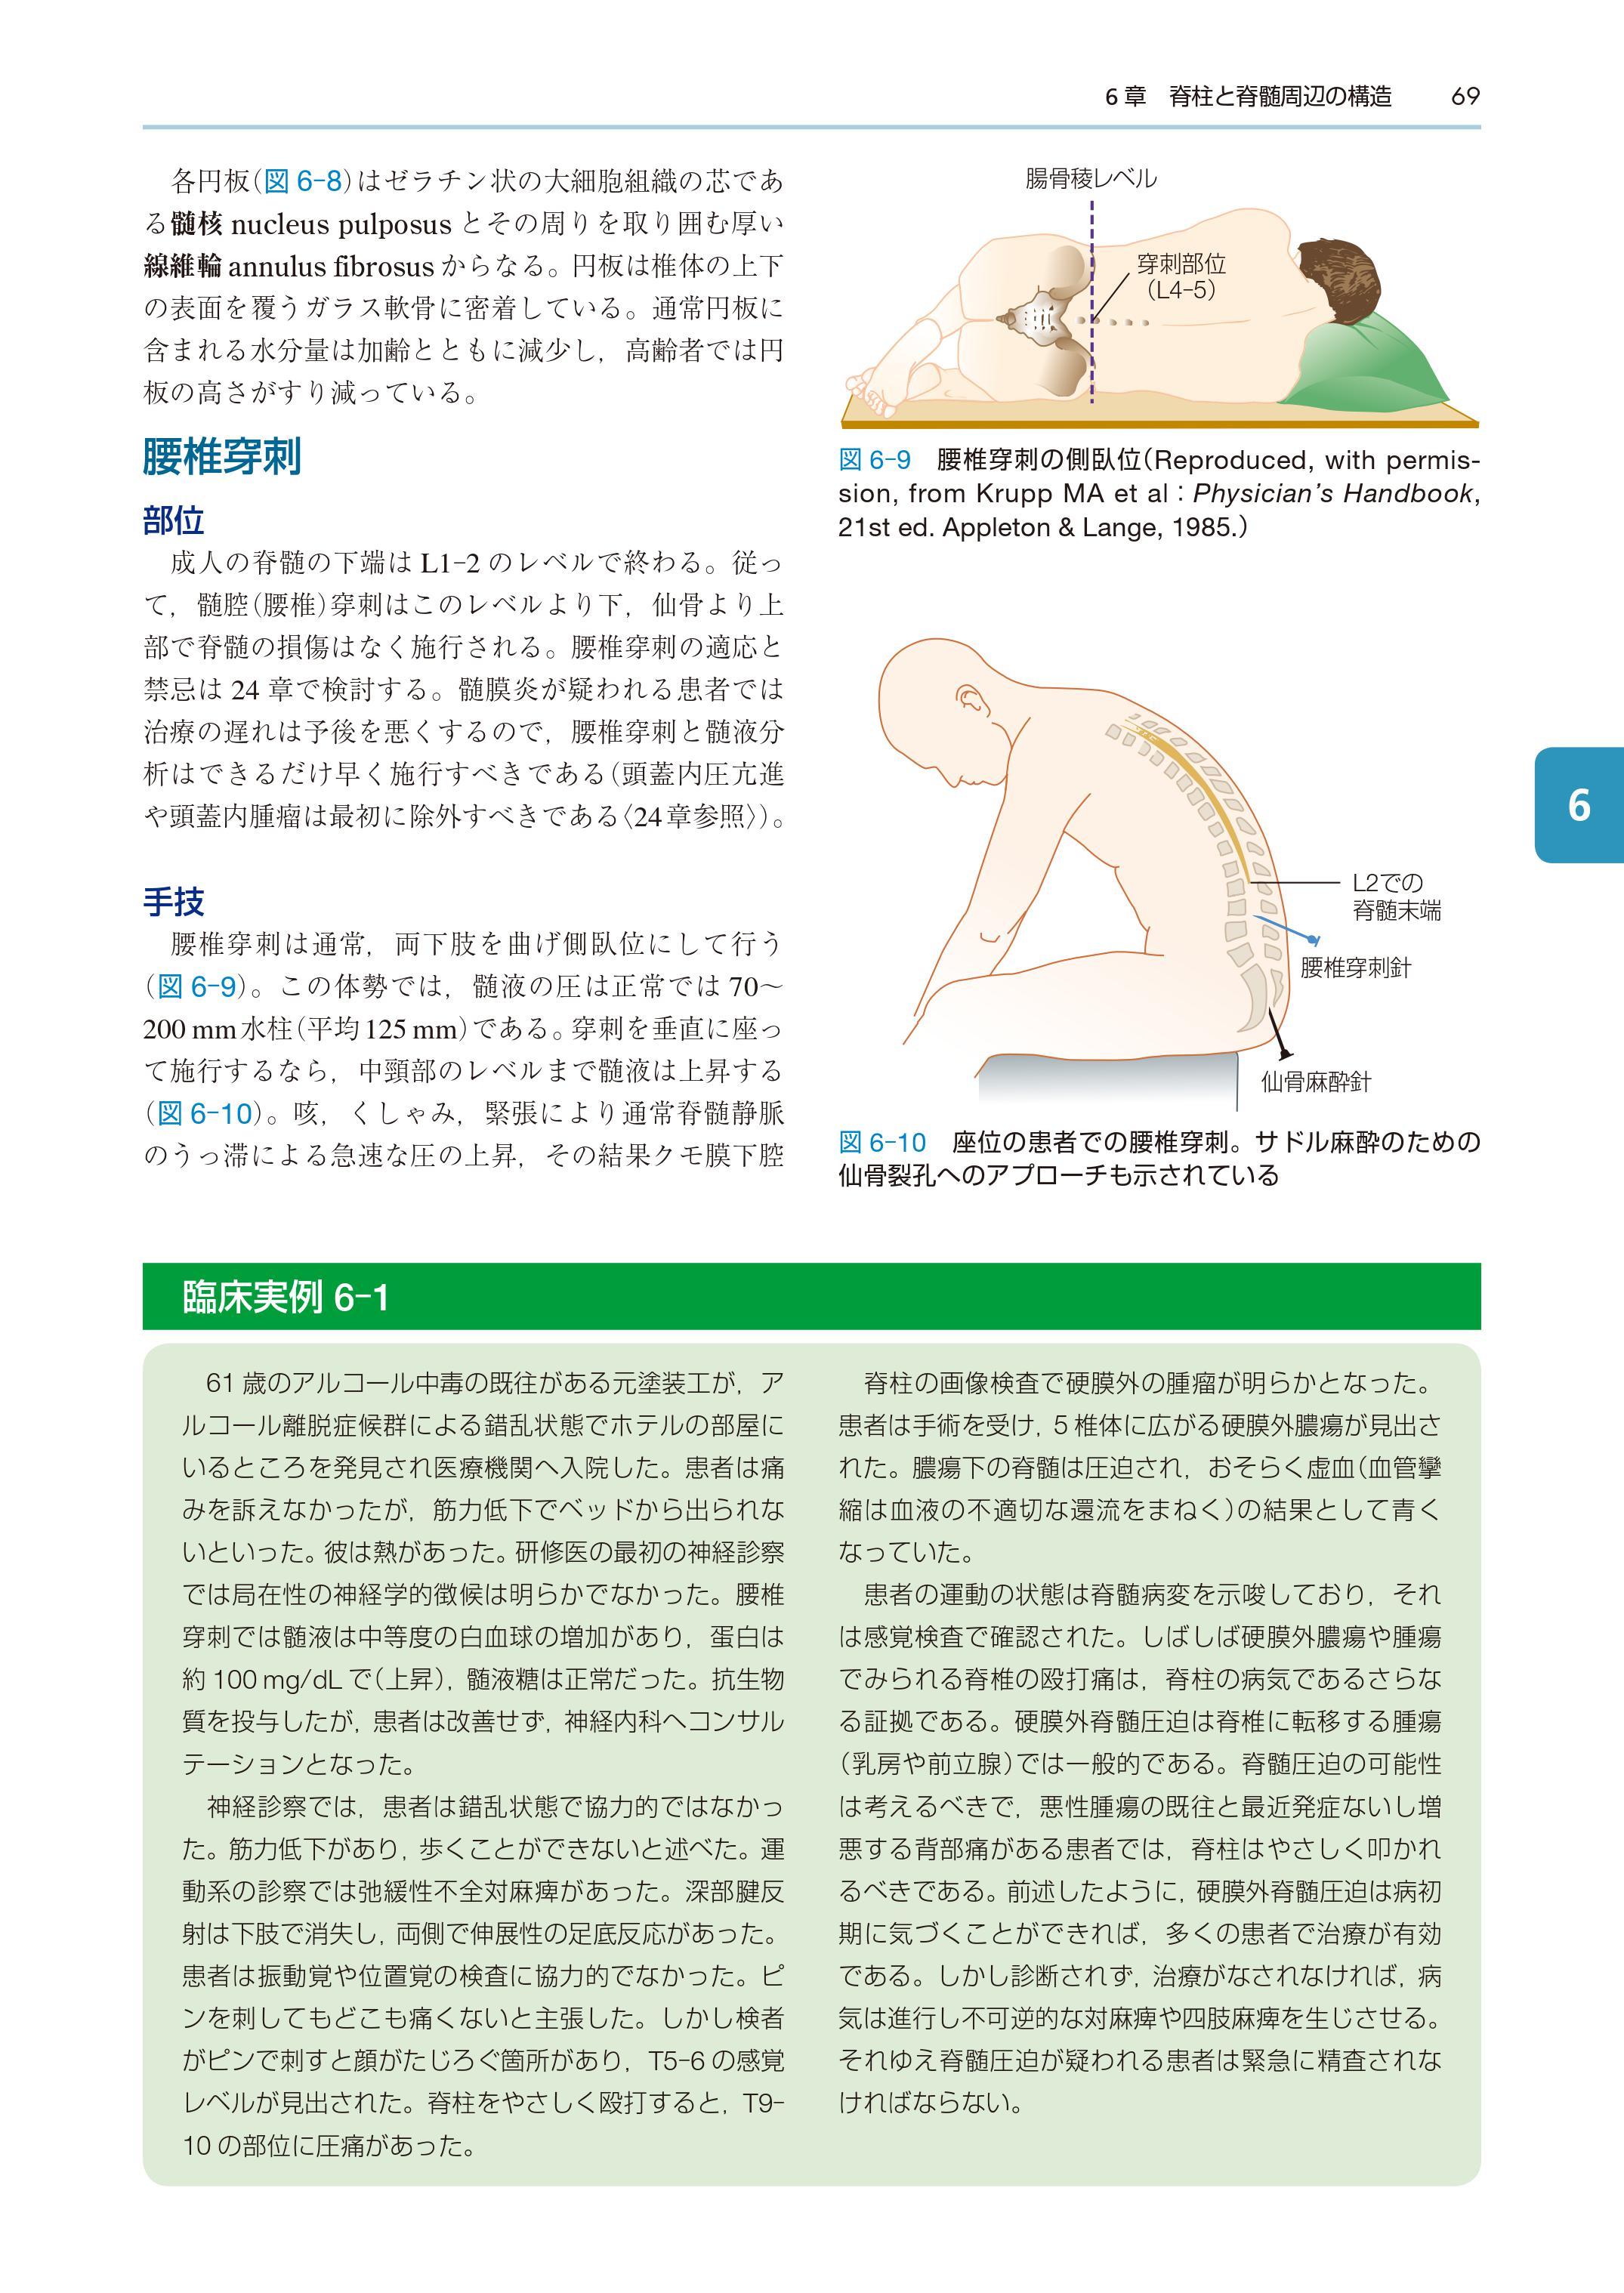 『ワックスマン脳神経解剖学』中身ページ069